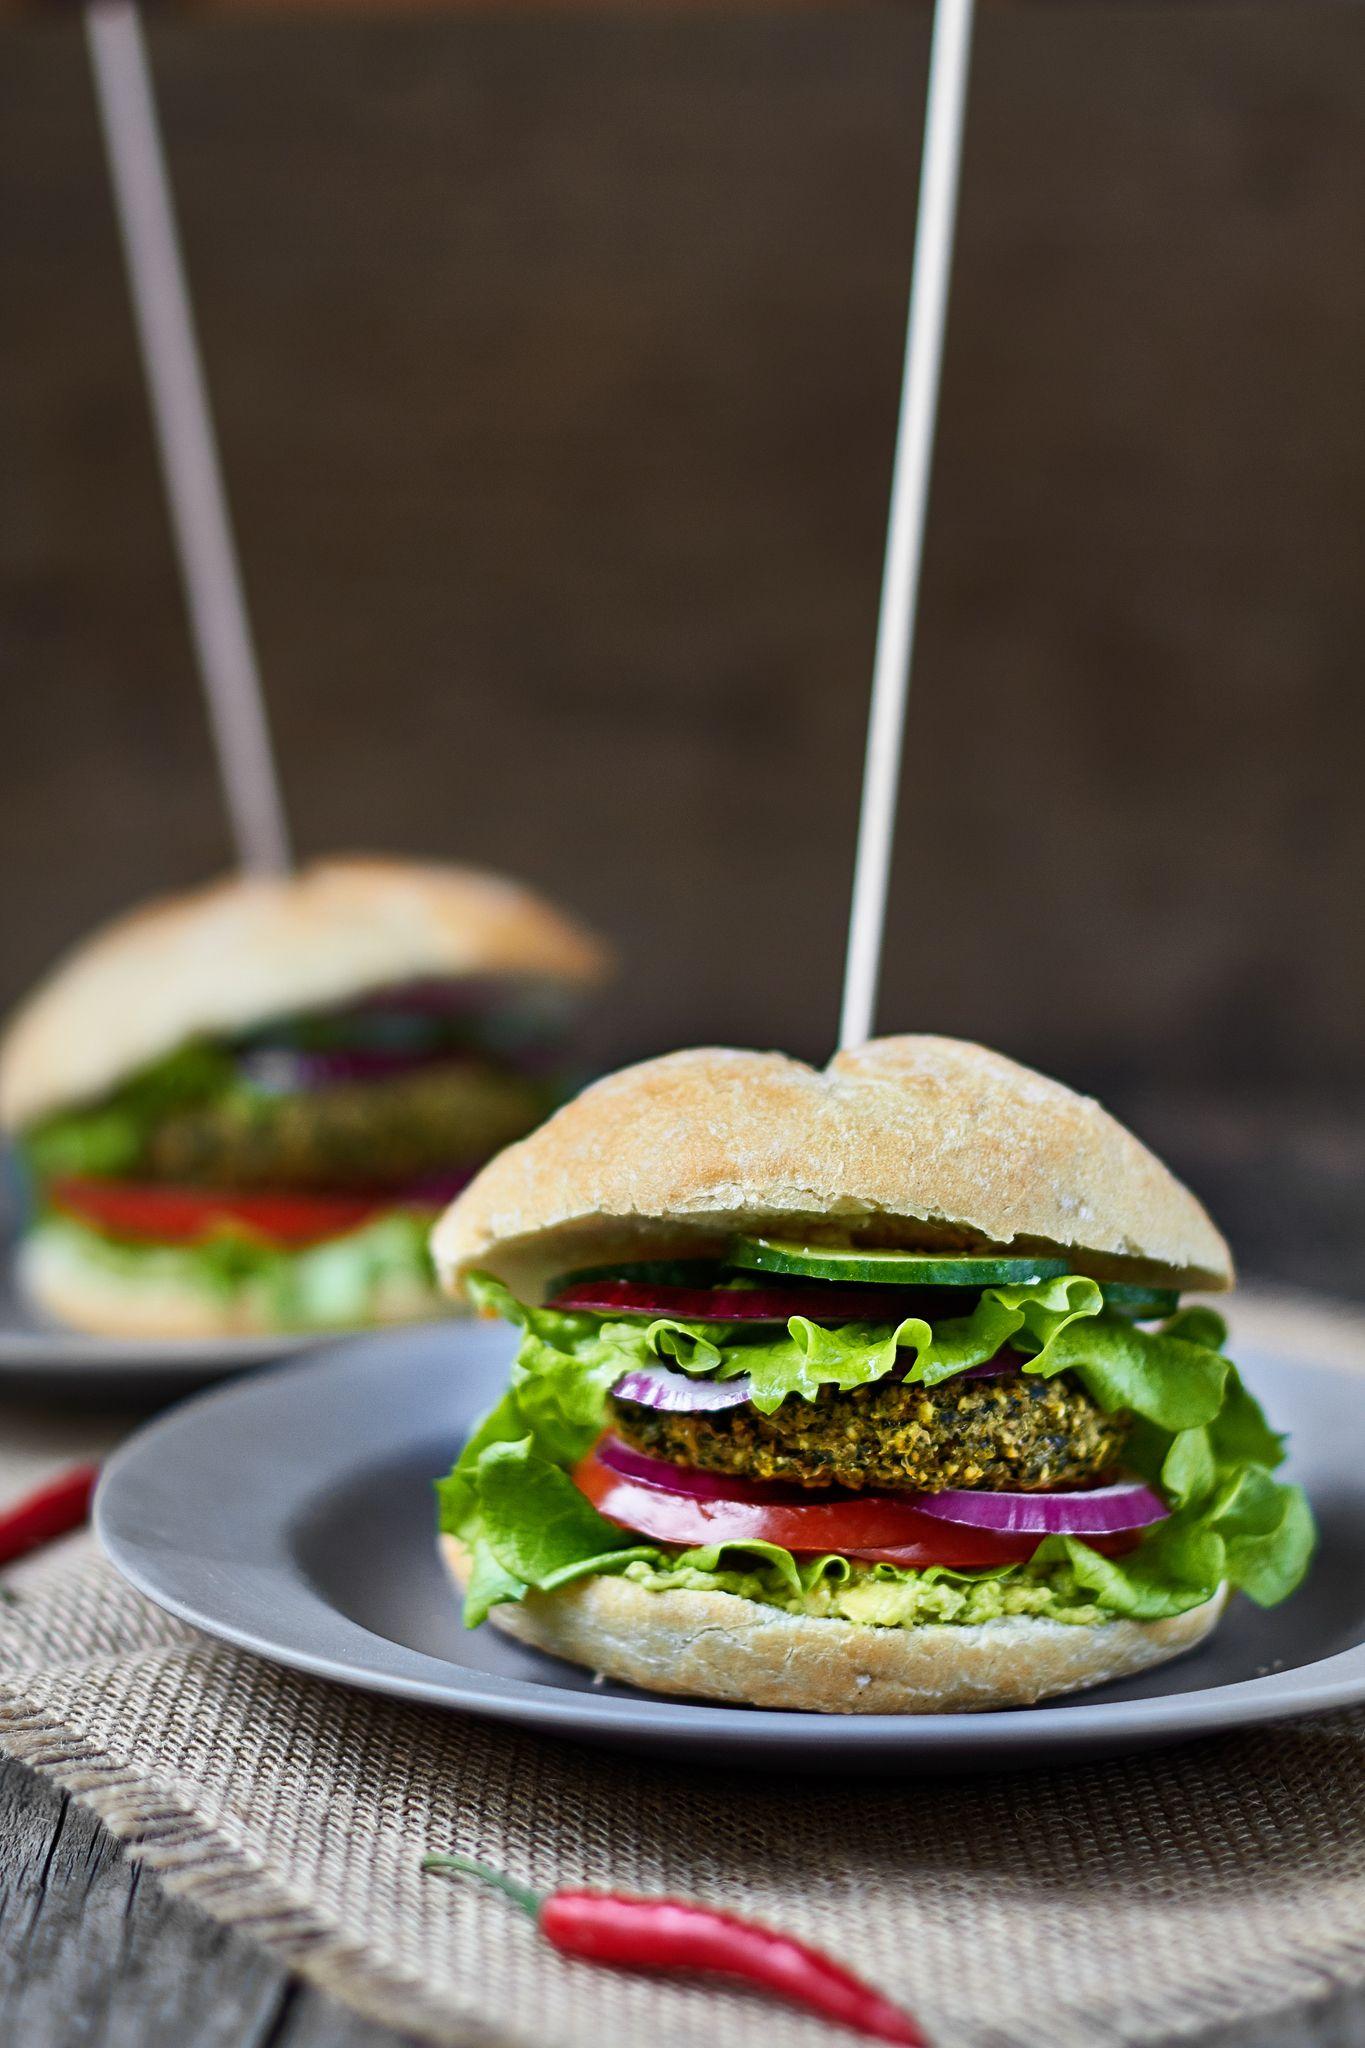 Hamburguesas de mijo y espinacas, ¡las más ricas del mundo! Receta de hamburguesa vegana, Receta vegana, Mejor receta de hamburguesa vegana sin gluten